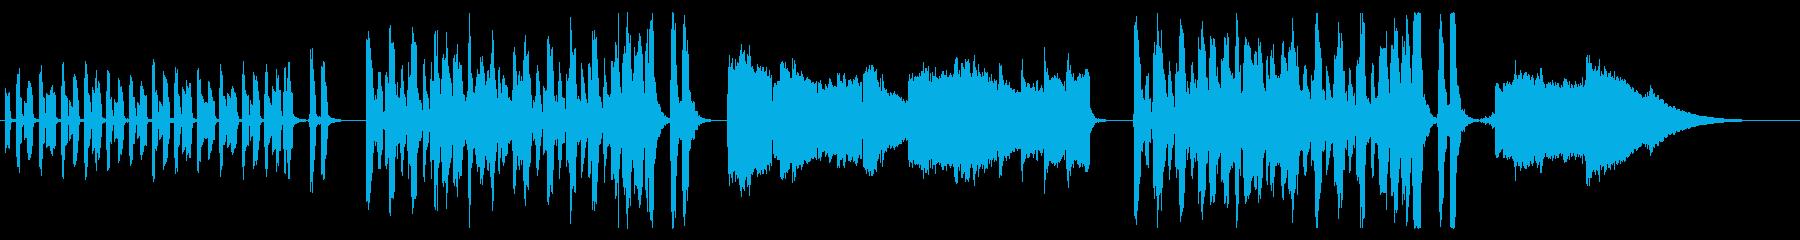 アンデス・エレピ鍵ハモ ほのぼのBGM の再生済みの波形